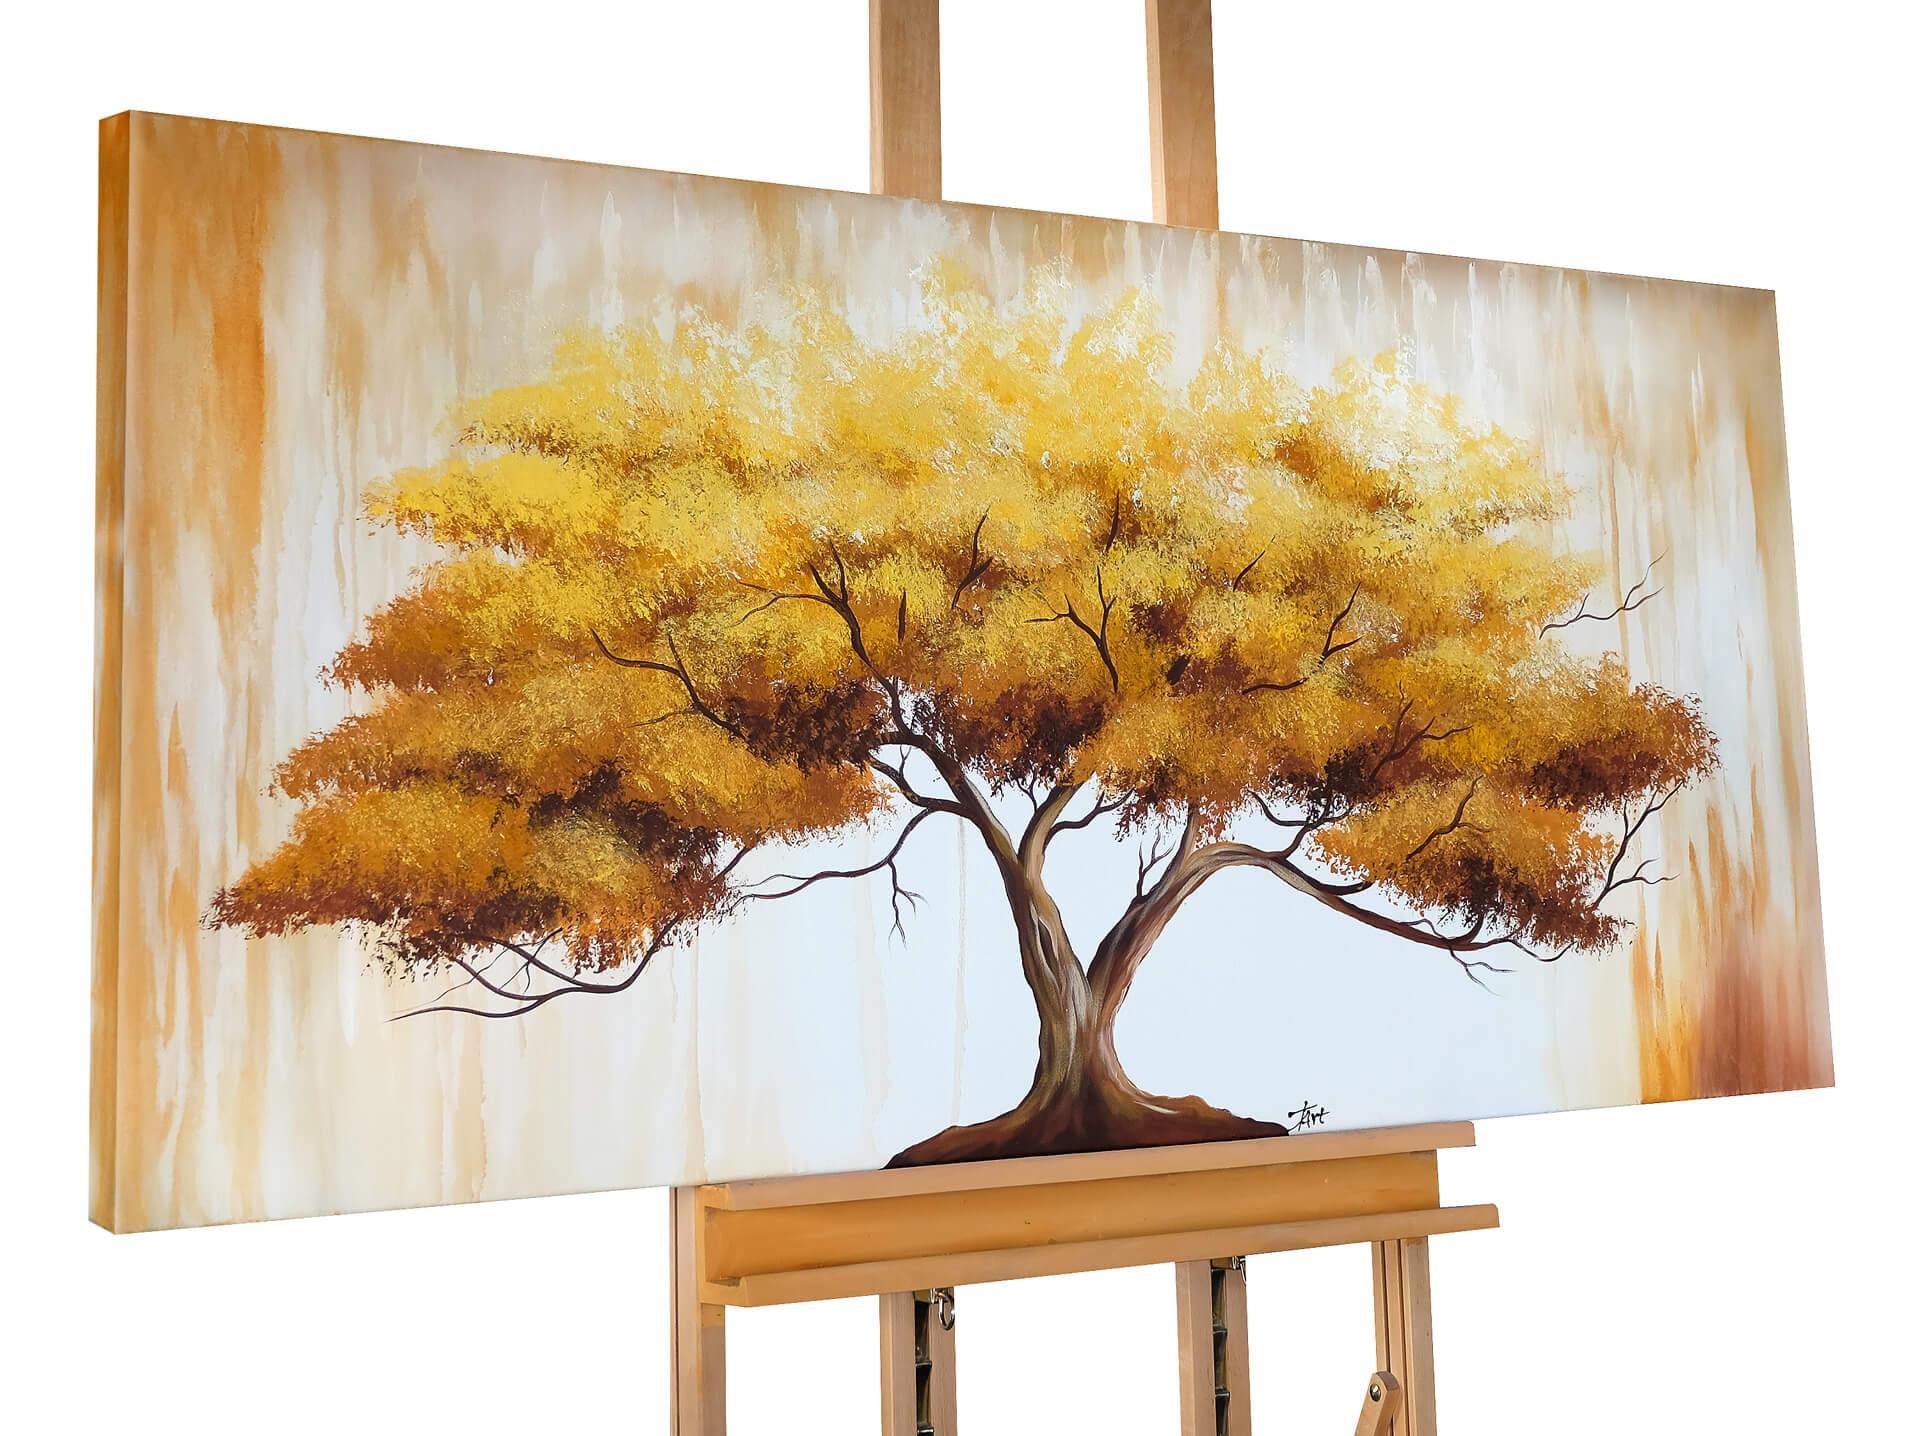 kl baum leben natur braun gold acryl gemaelde acryl bilder leinwandbilder moderne kunst 01